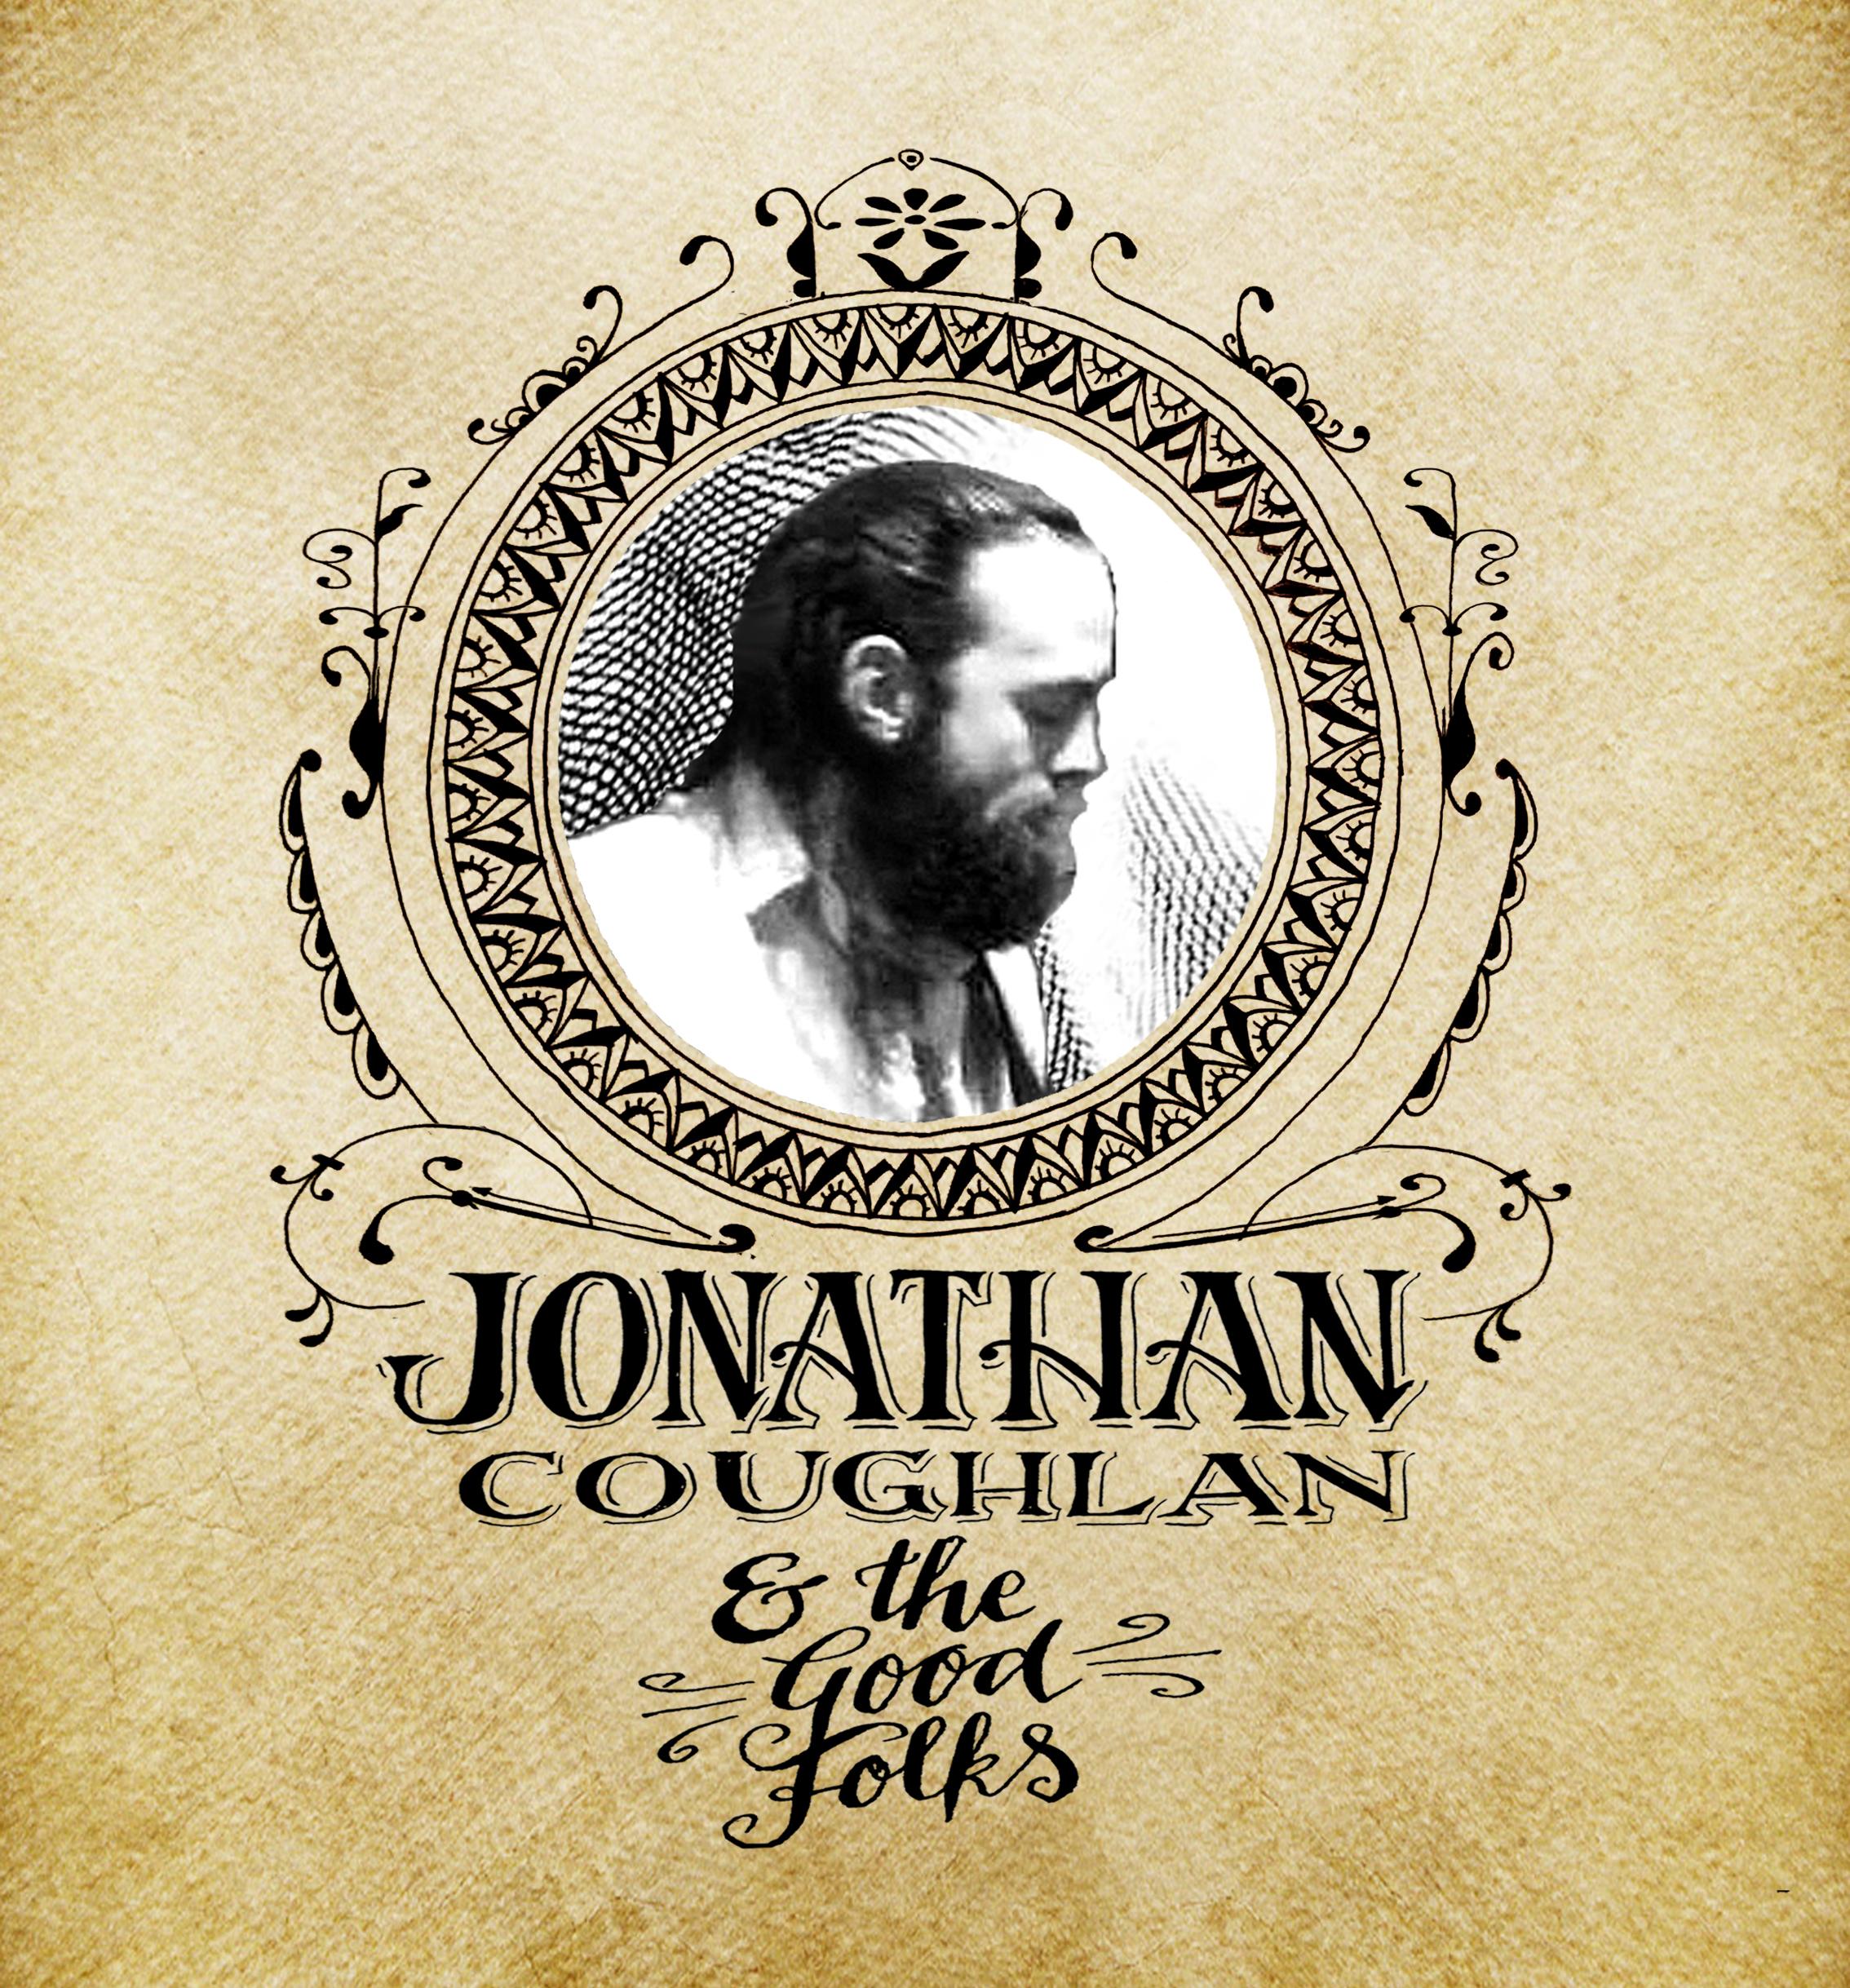 Jonathan Coughlan & The Good Folks